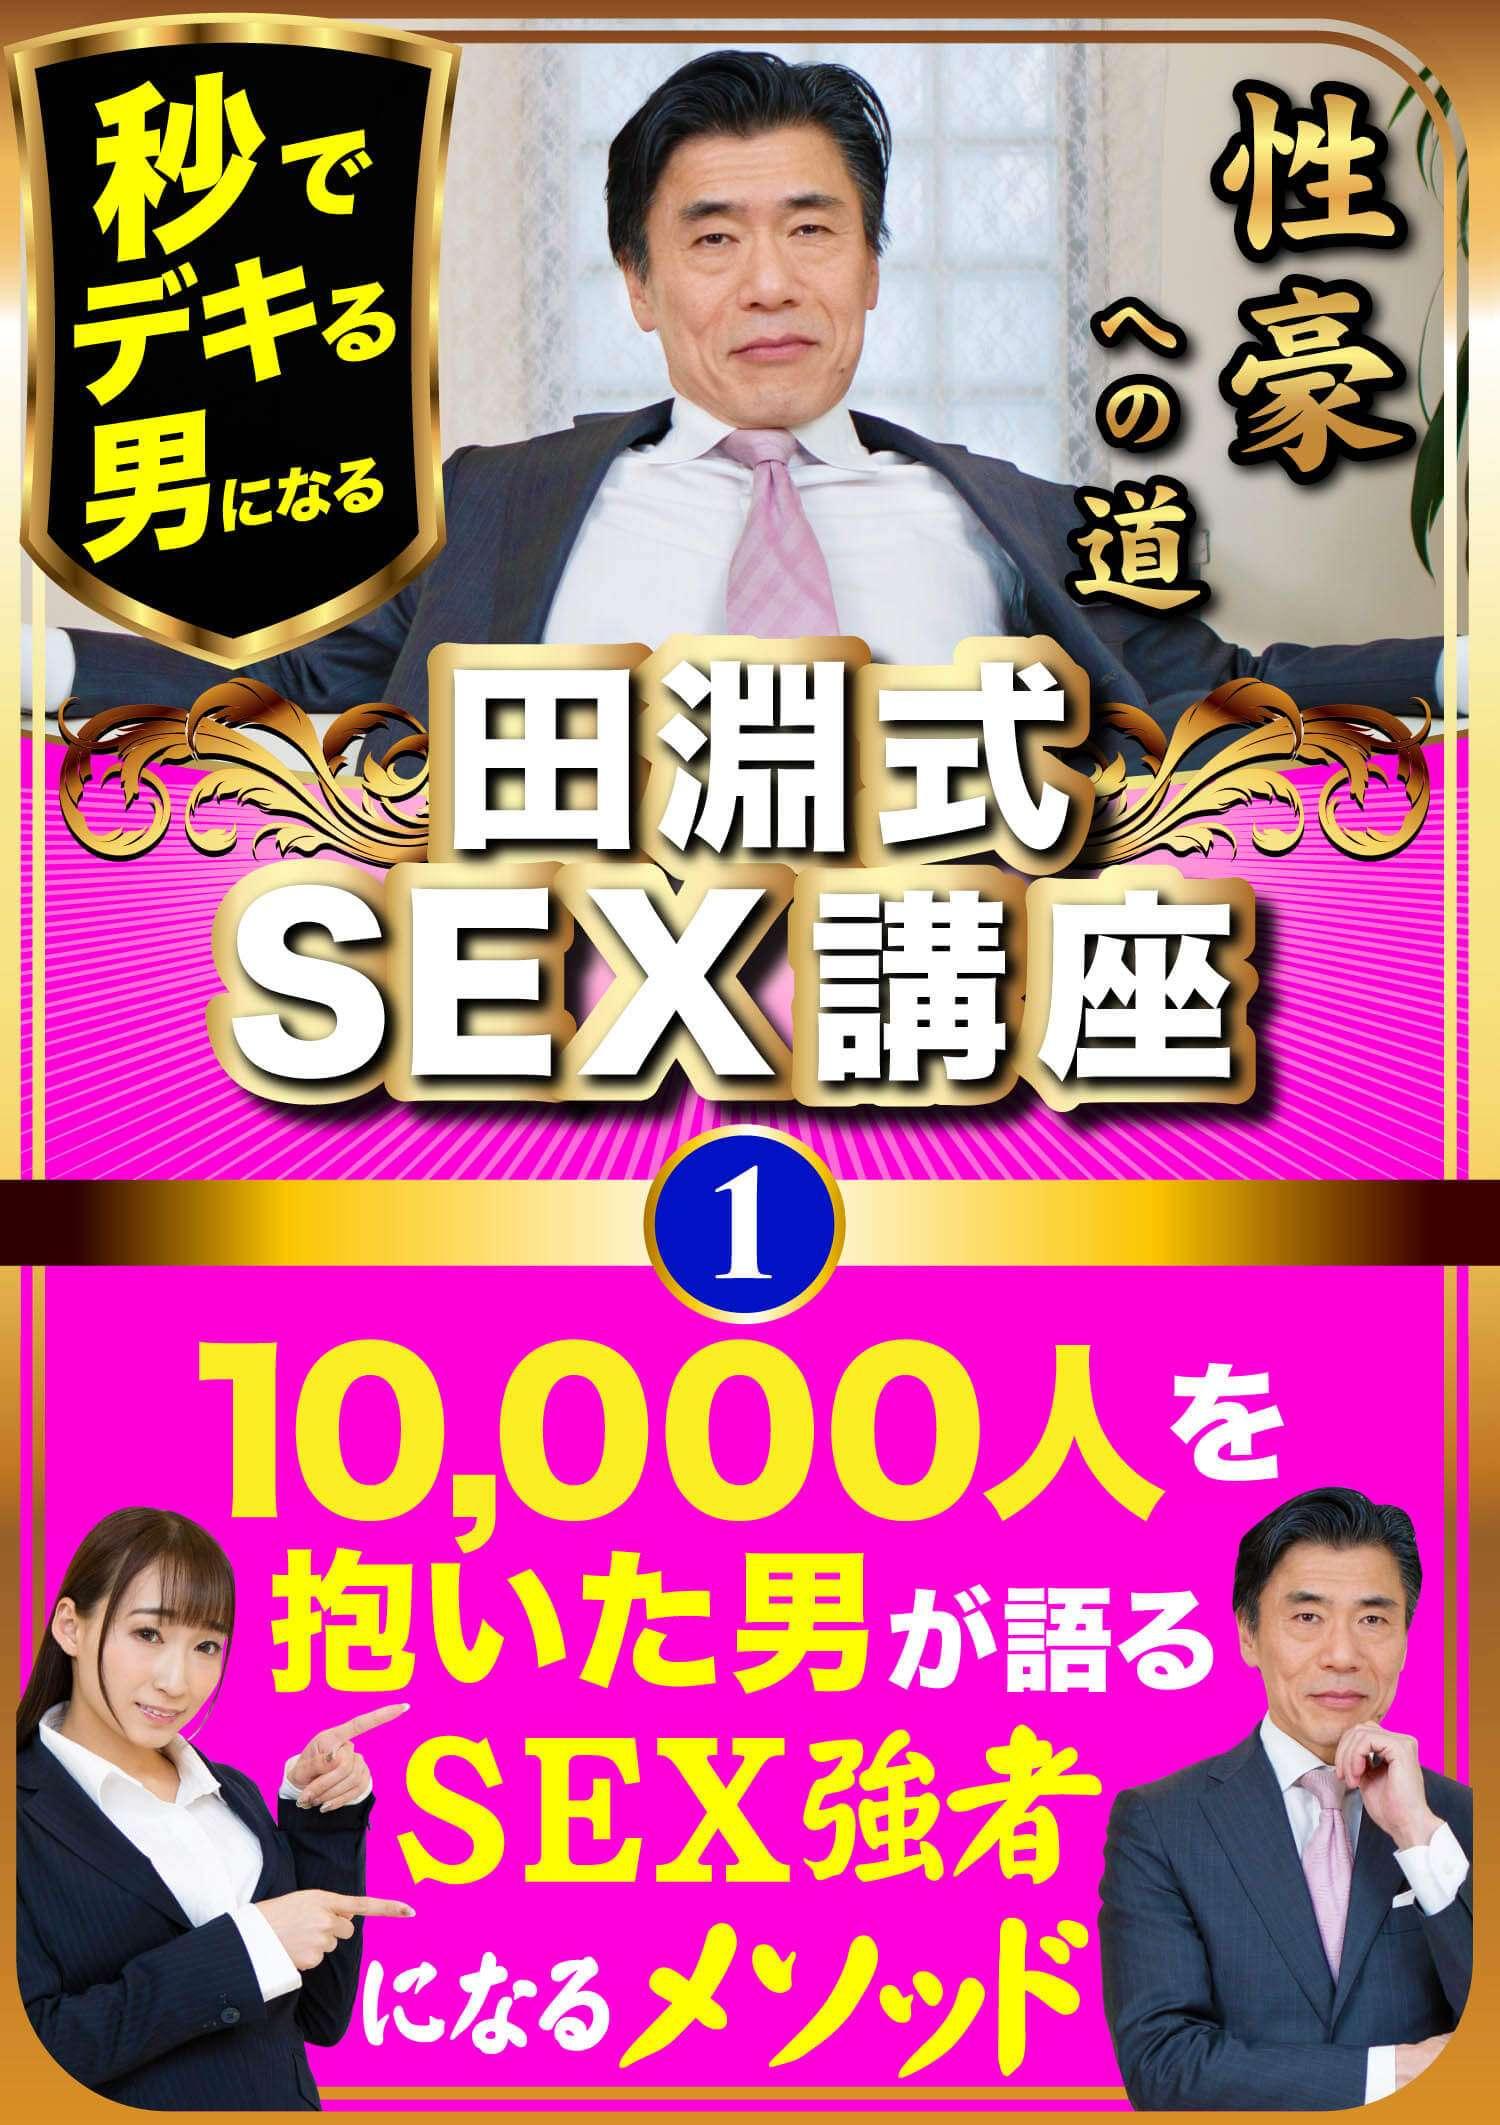 田淵式SEX講座1 1万人を抱いた男が語る